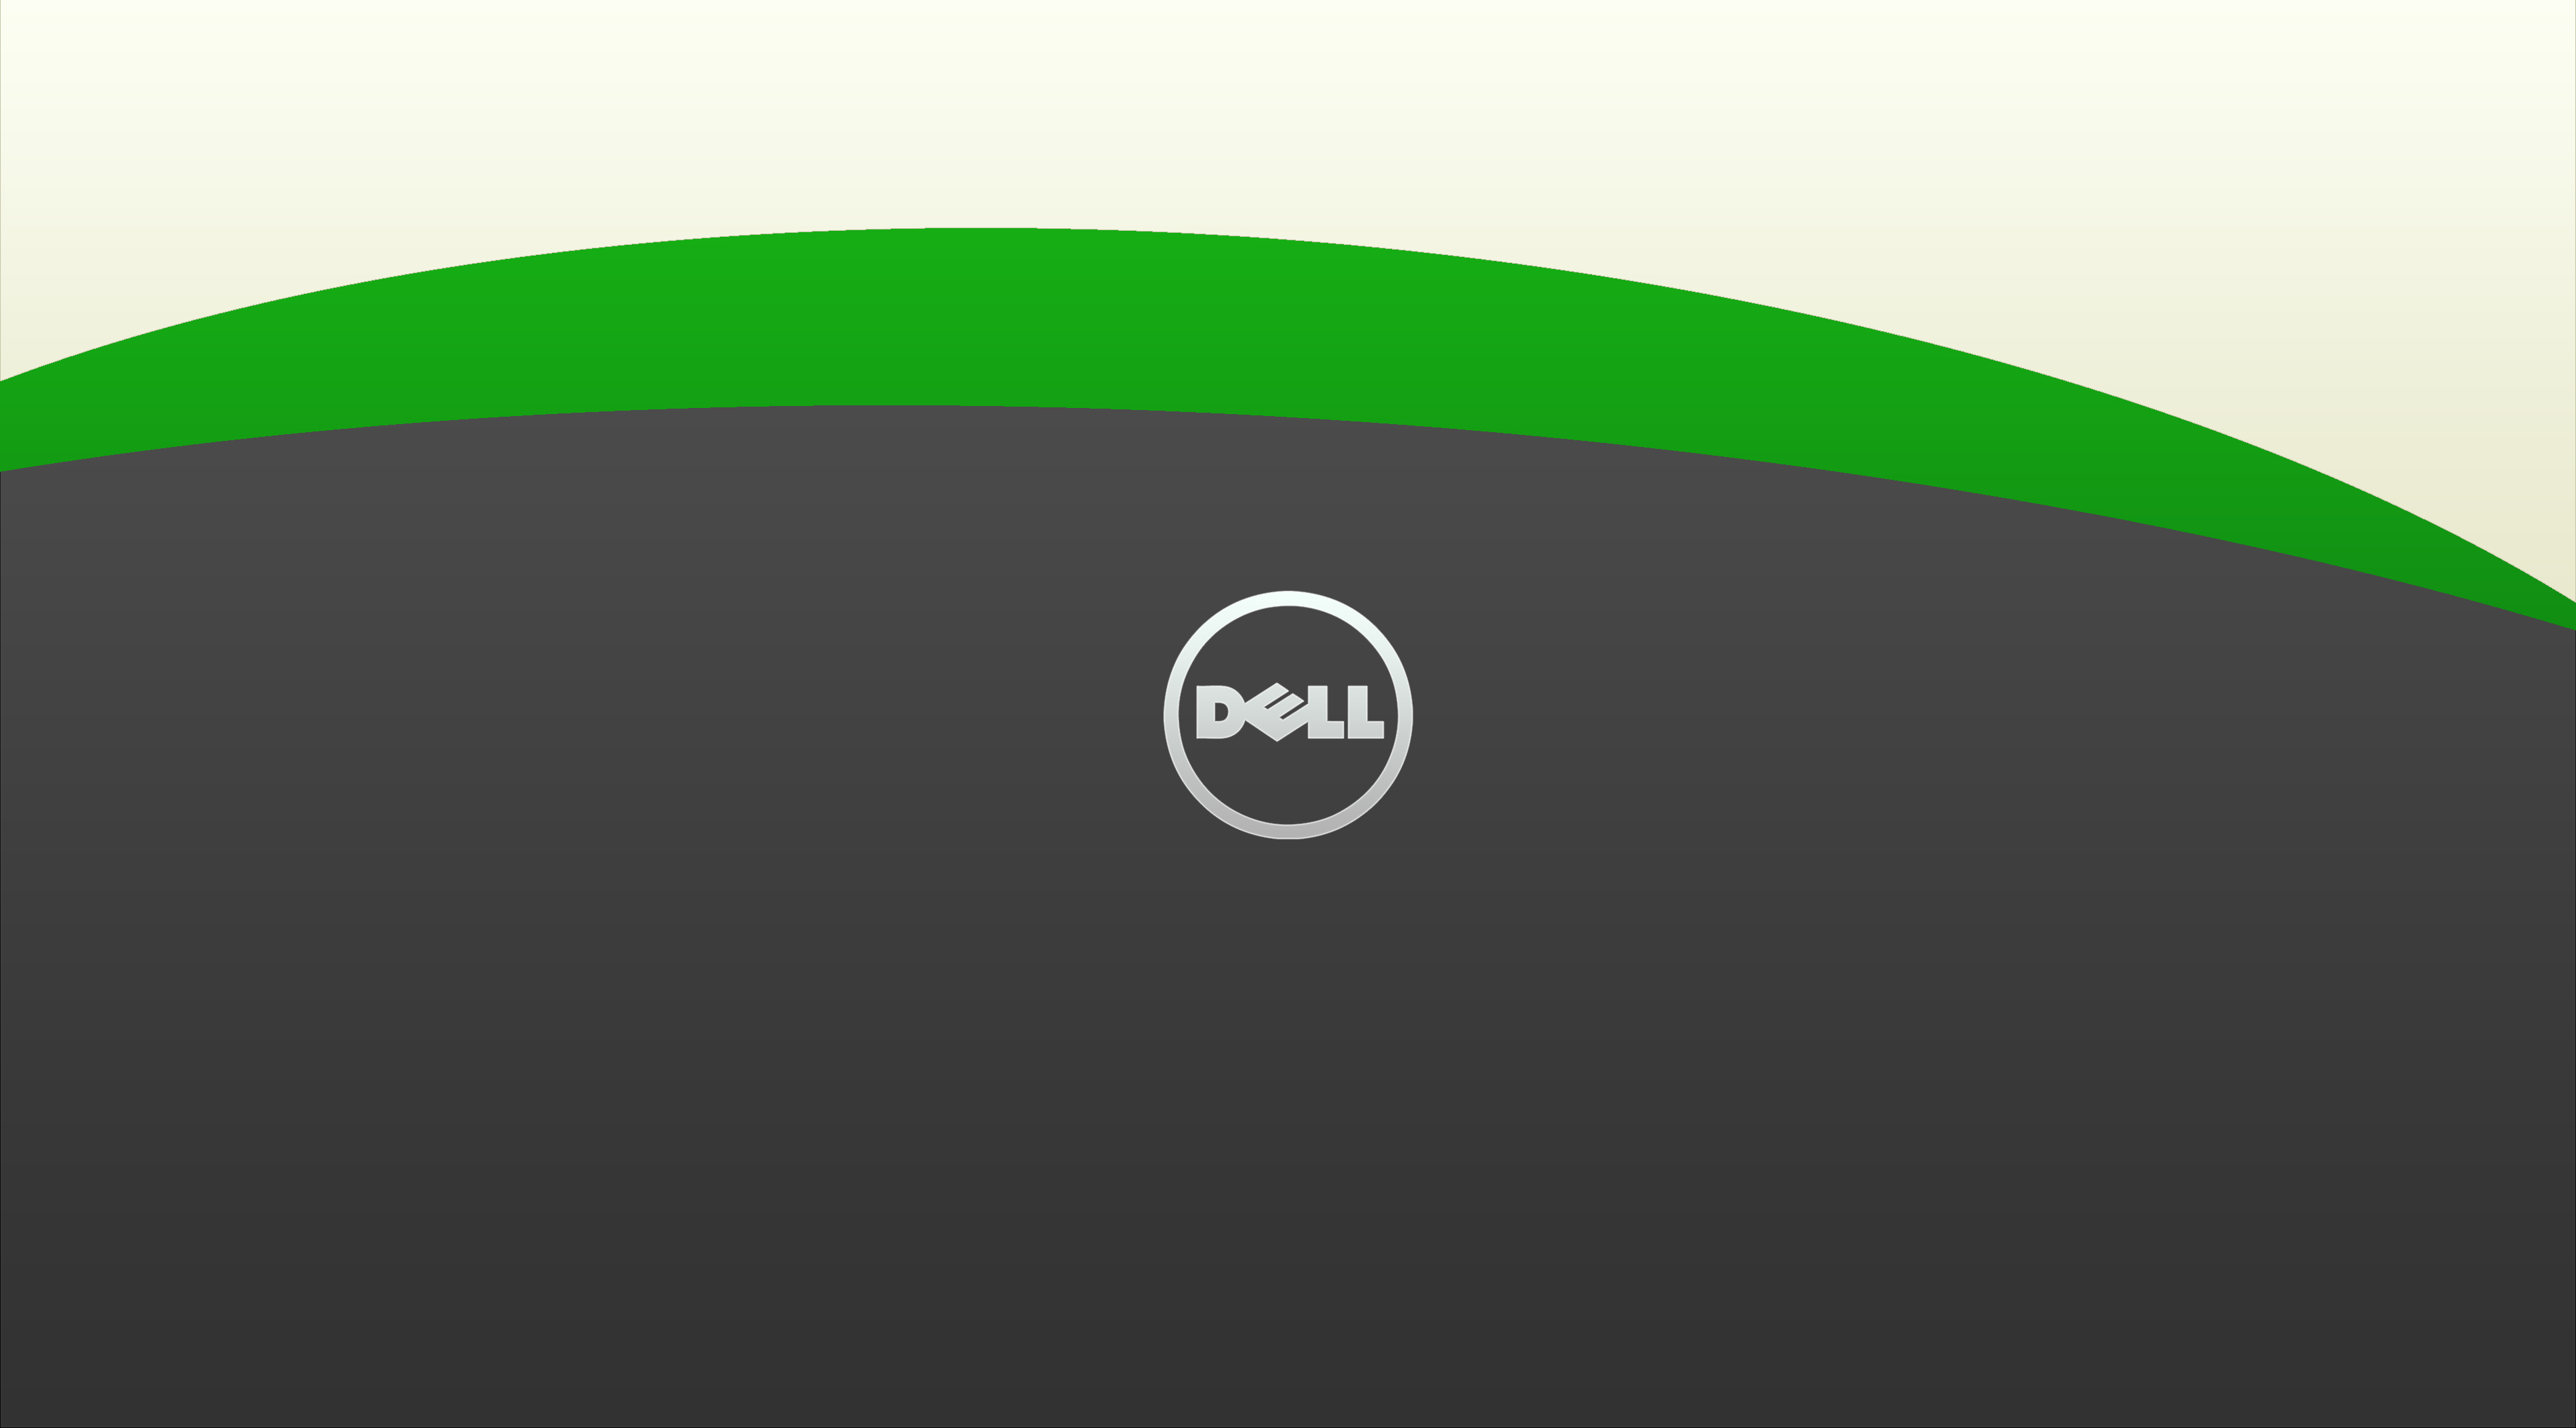 Dell Wallpaper